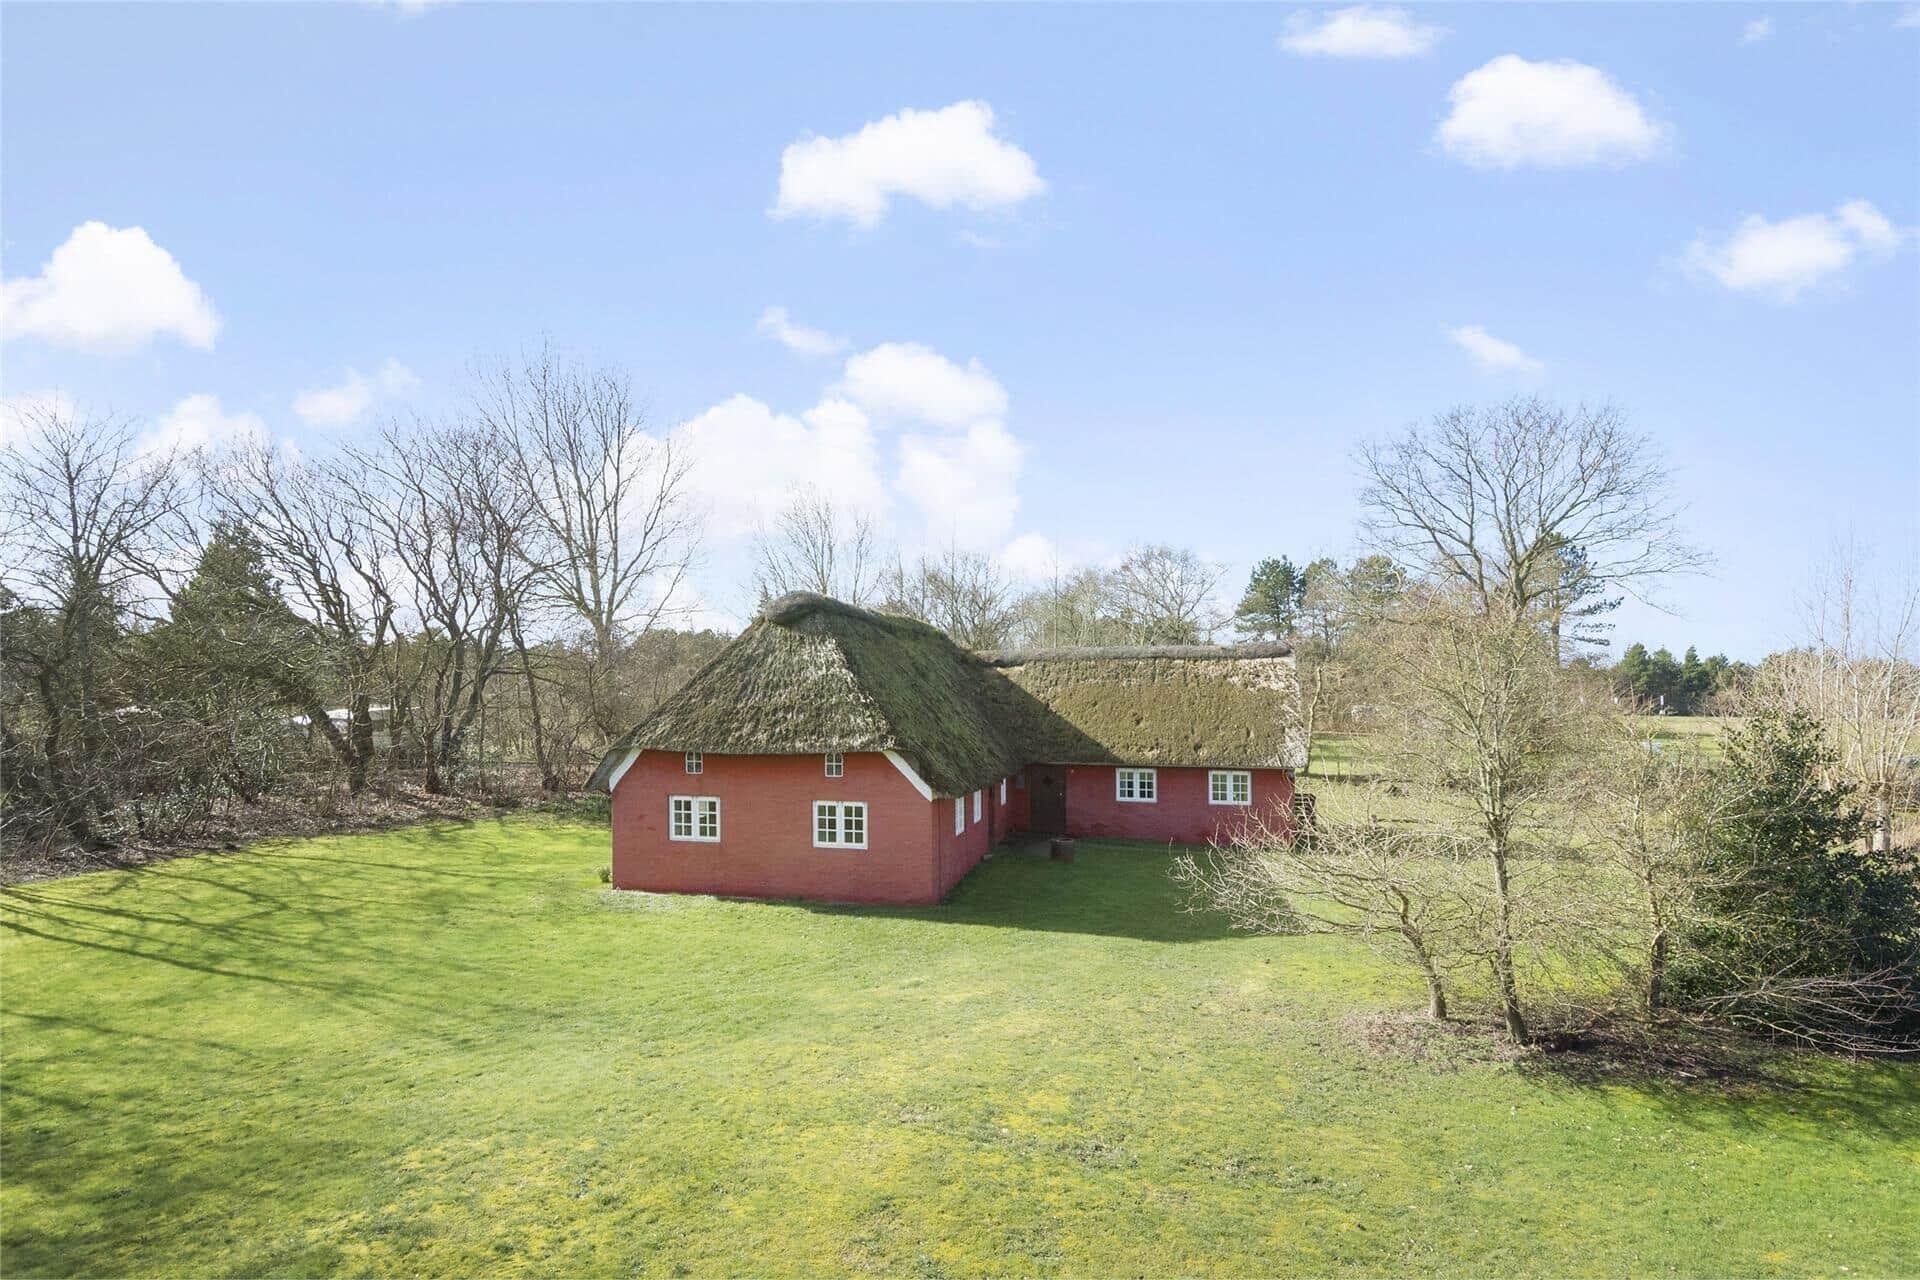 Billede 1-11 Sommerhus 0418, Borrebjergvej 5, DK - 6792 Rømø